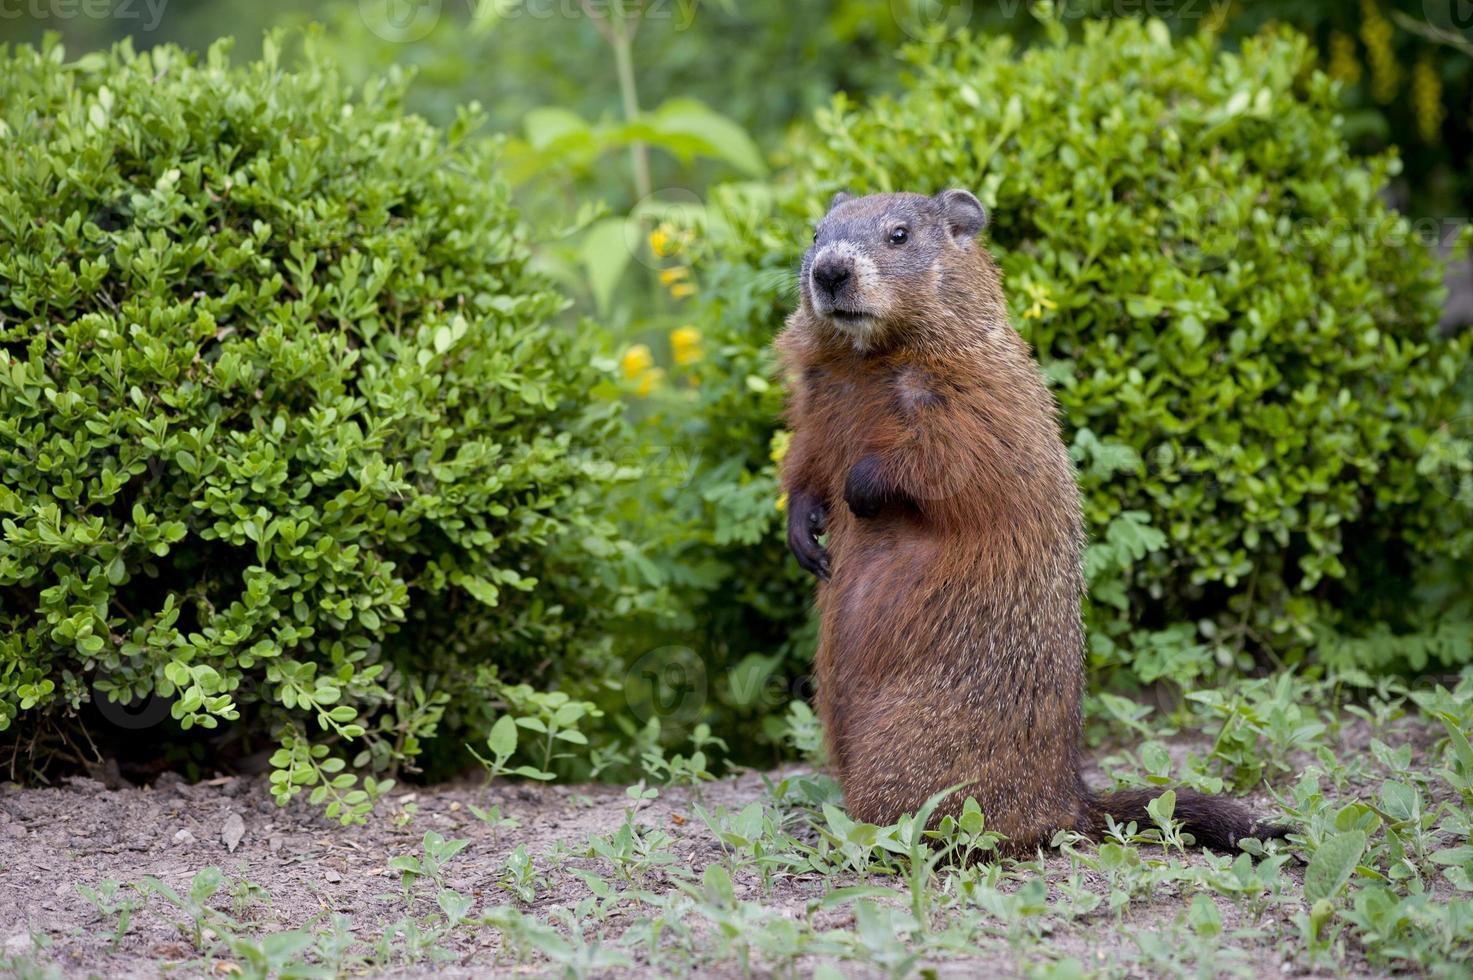 jeune chiot marmotte, également connu sous le nom de marmotte photo